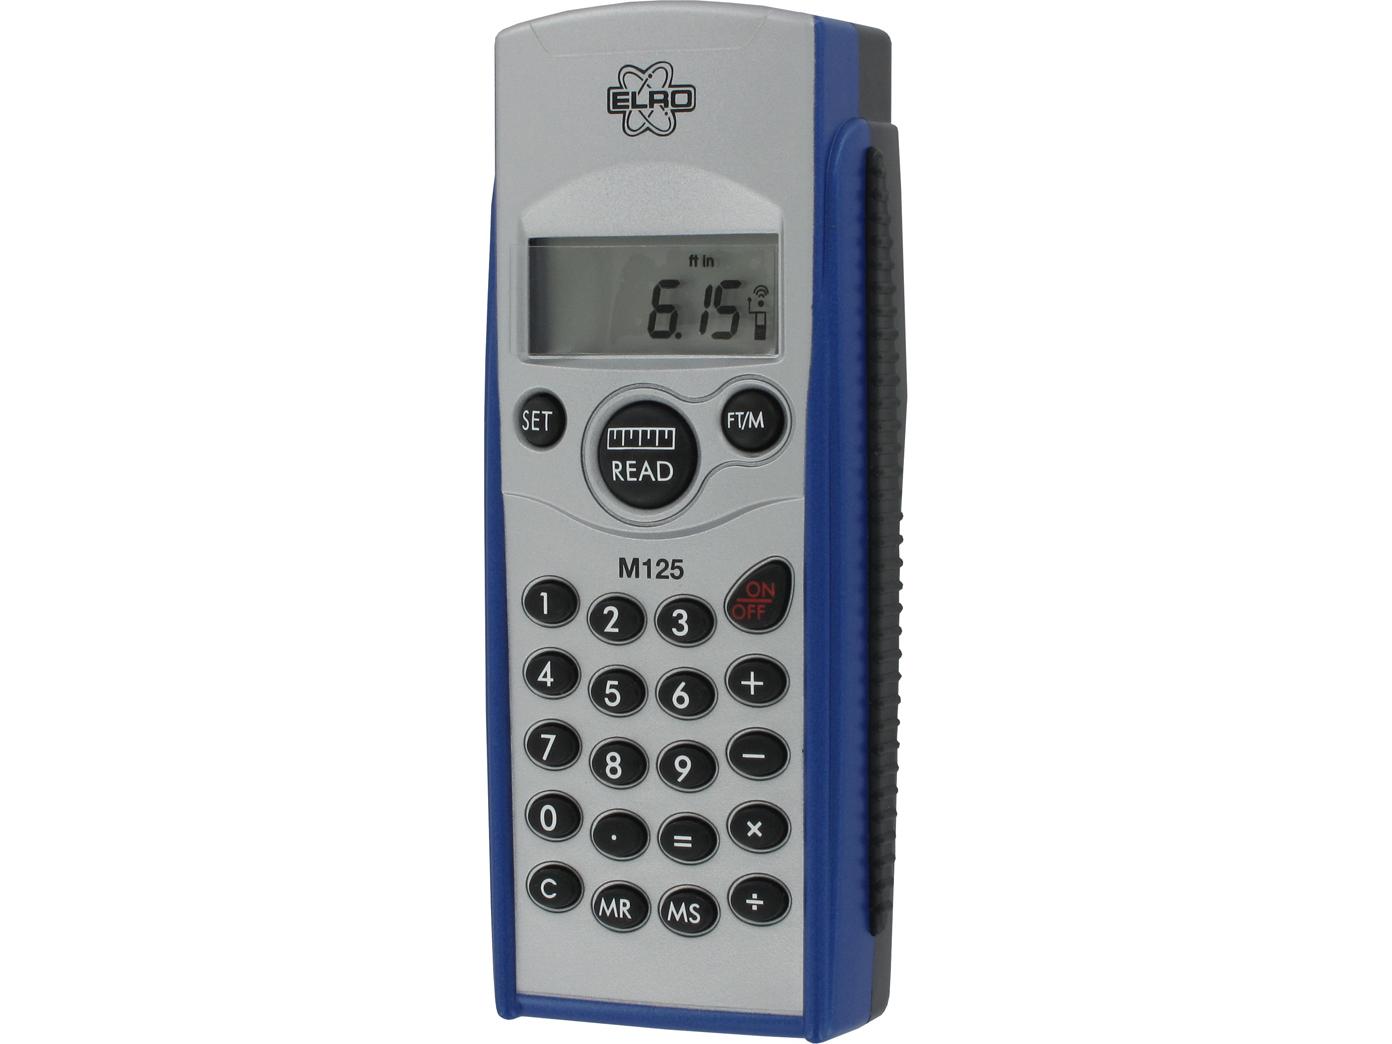 Laser entfernungsmesser bis 12m taschenrechner interner speicher